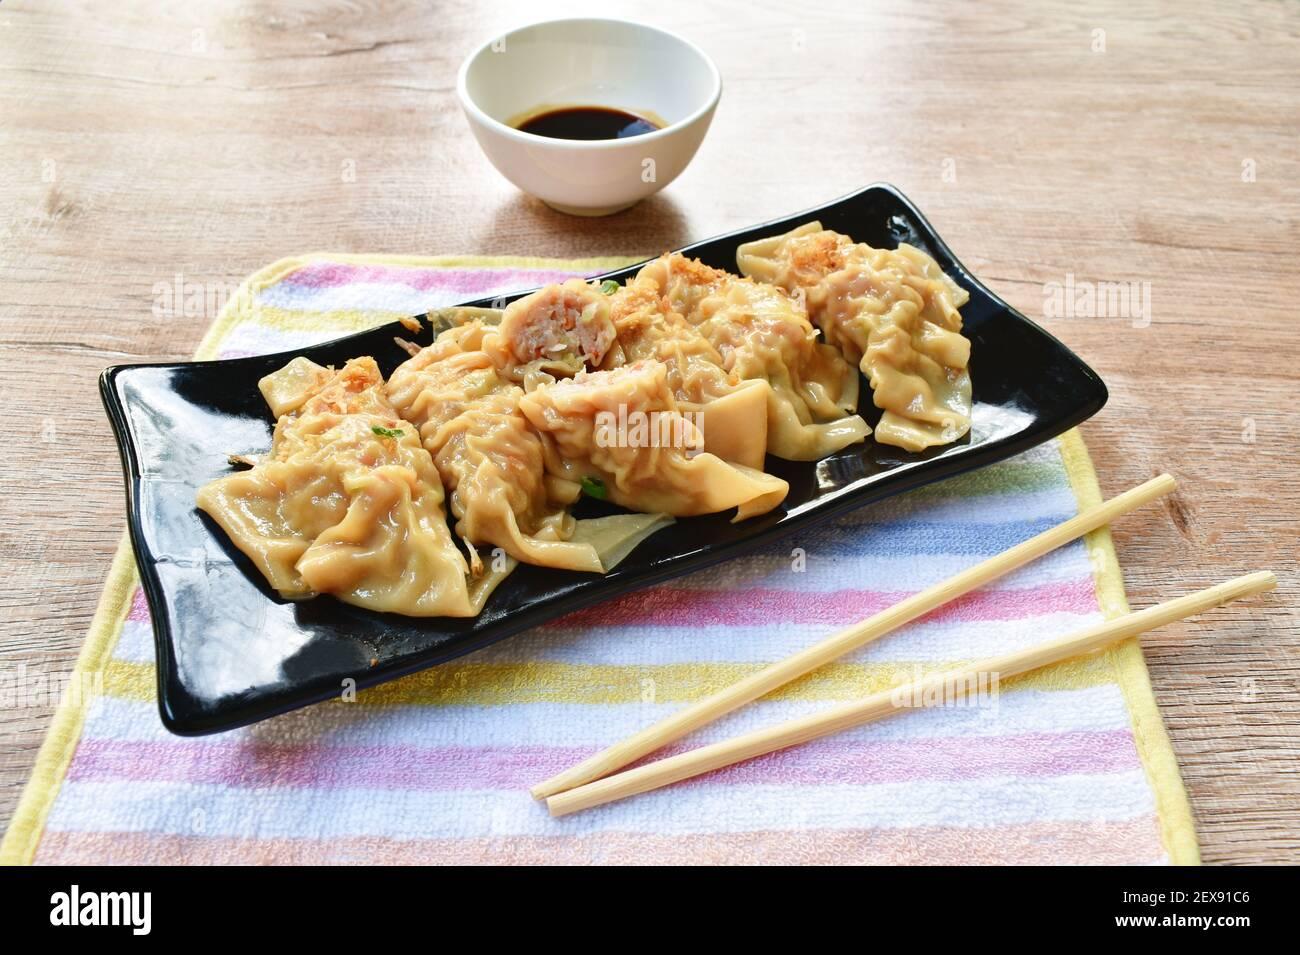 boulettes bouillies ou gyoza farcies écrasées de porc et de crevettes avec garniture de légumes frit, hacher l'ail sur une assiette en trempant le soja doux sauce Banque D'Images